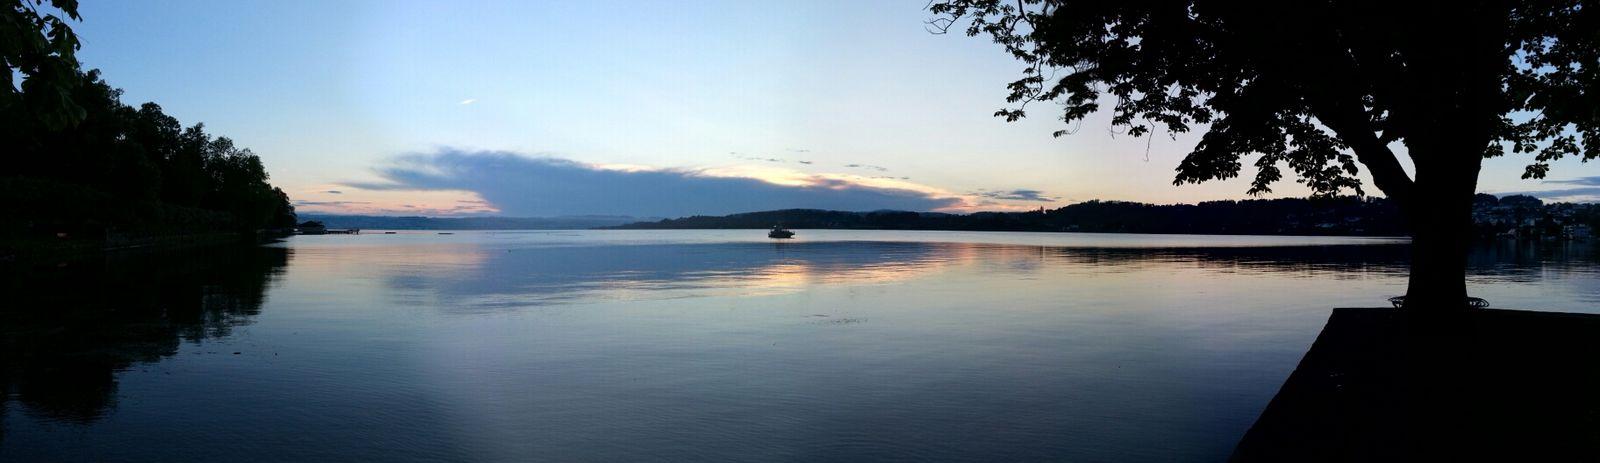 Landscape #Nature #photography Sunrise_sunsets_aroundworld EyeEm Best Shots - Nature Nature_obsession_sunsets